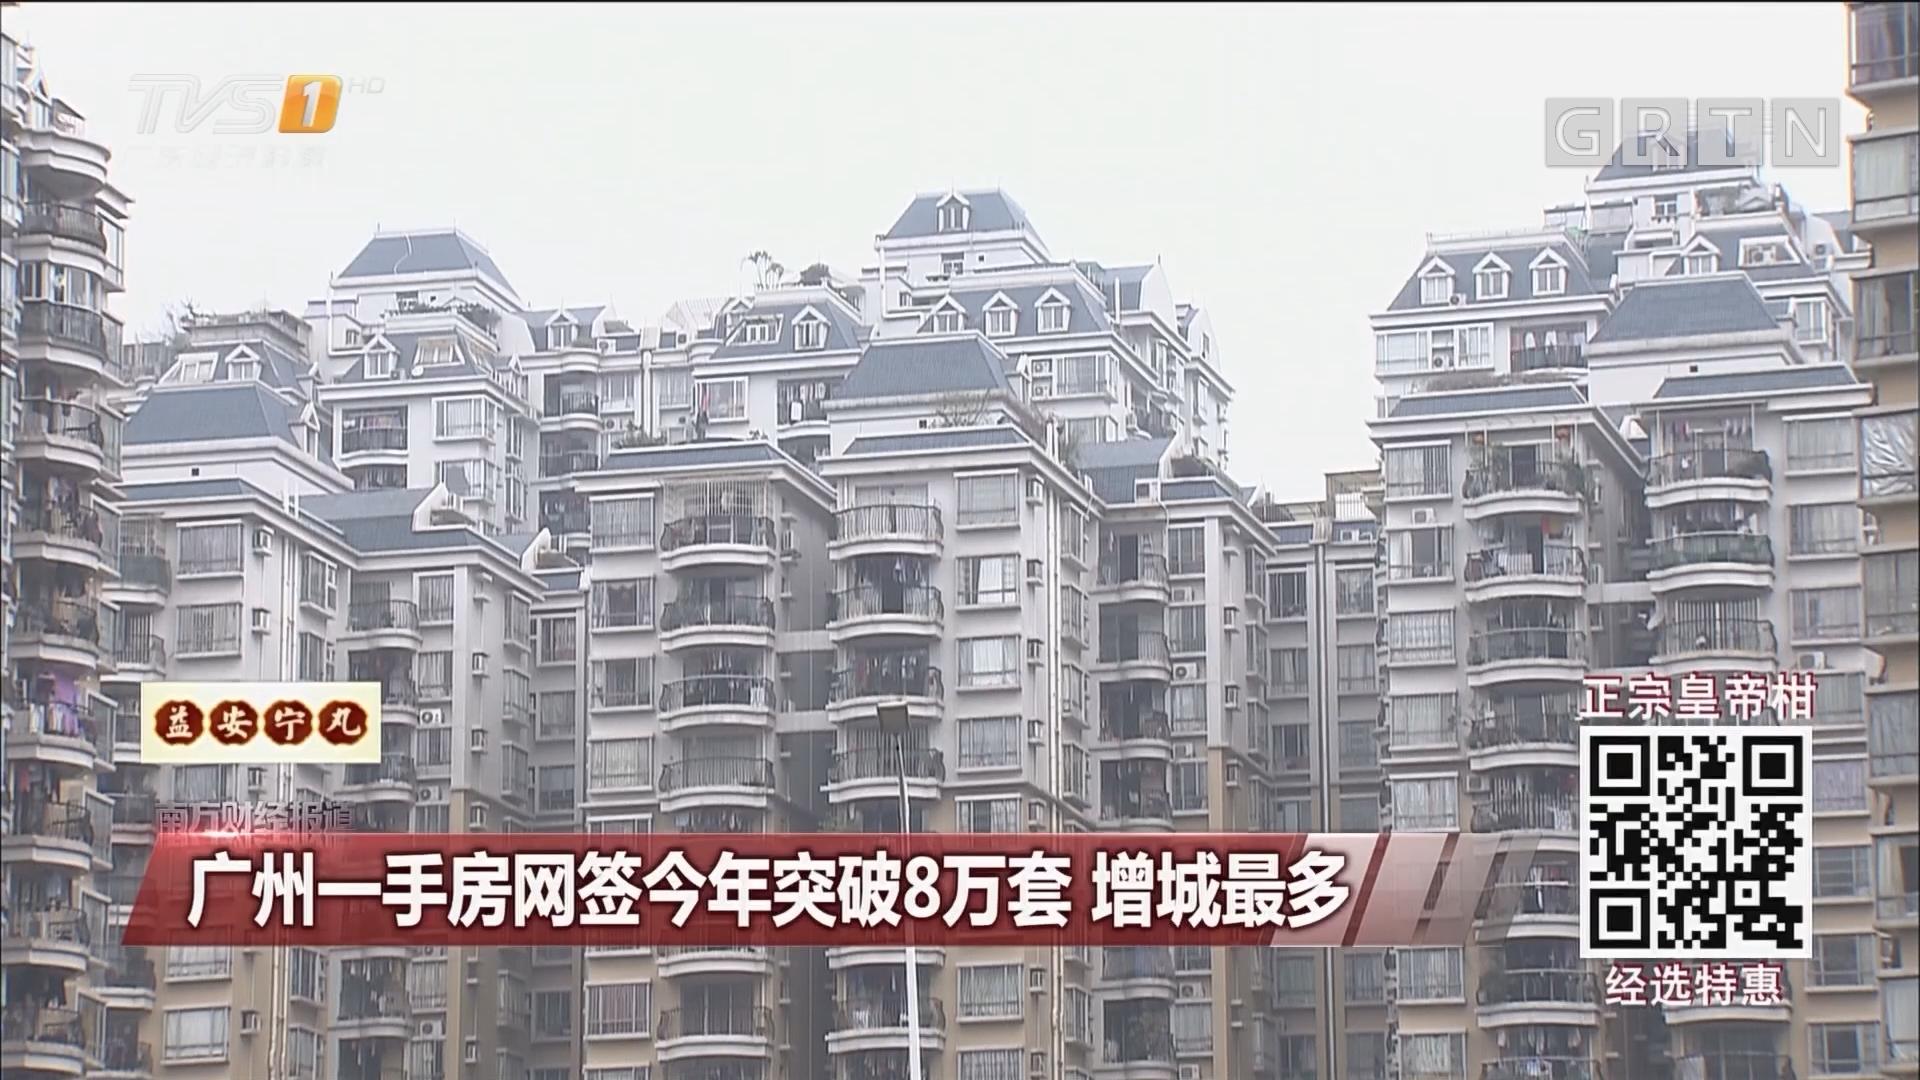 广州一手房网签今年突破8万套 增城最多